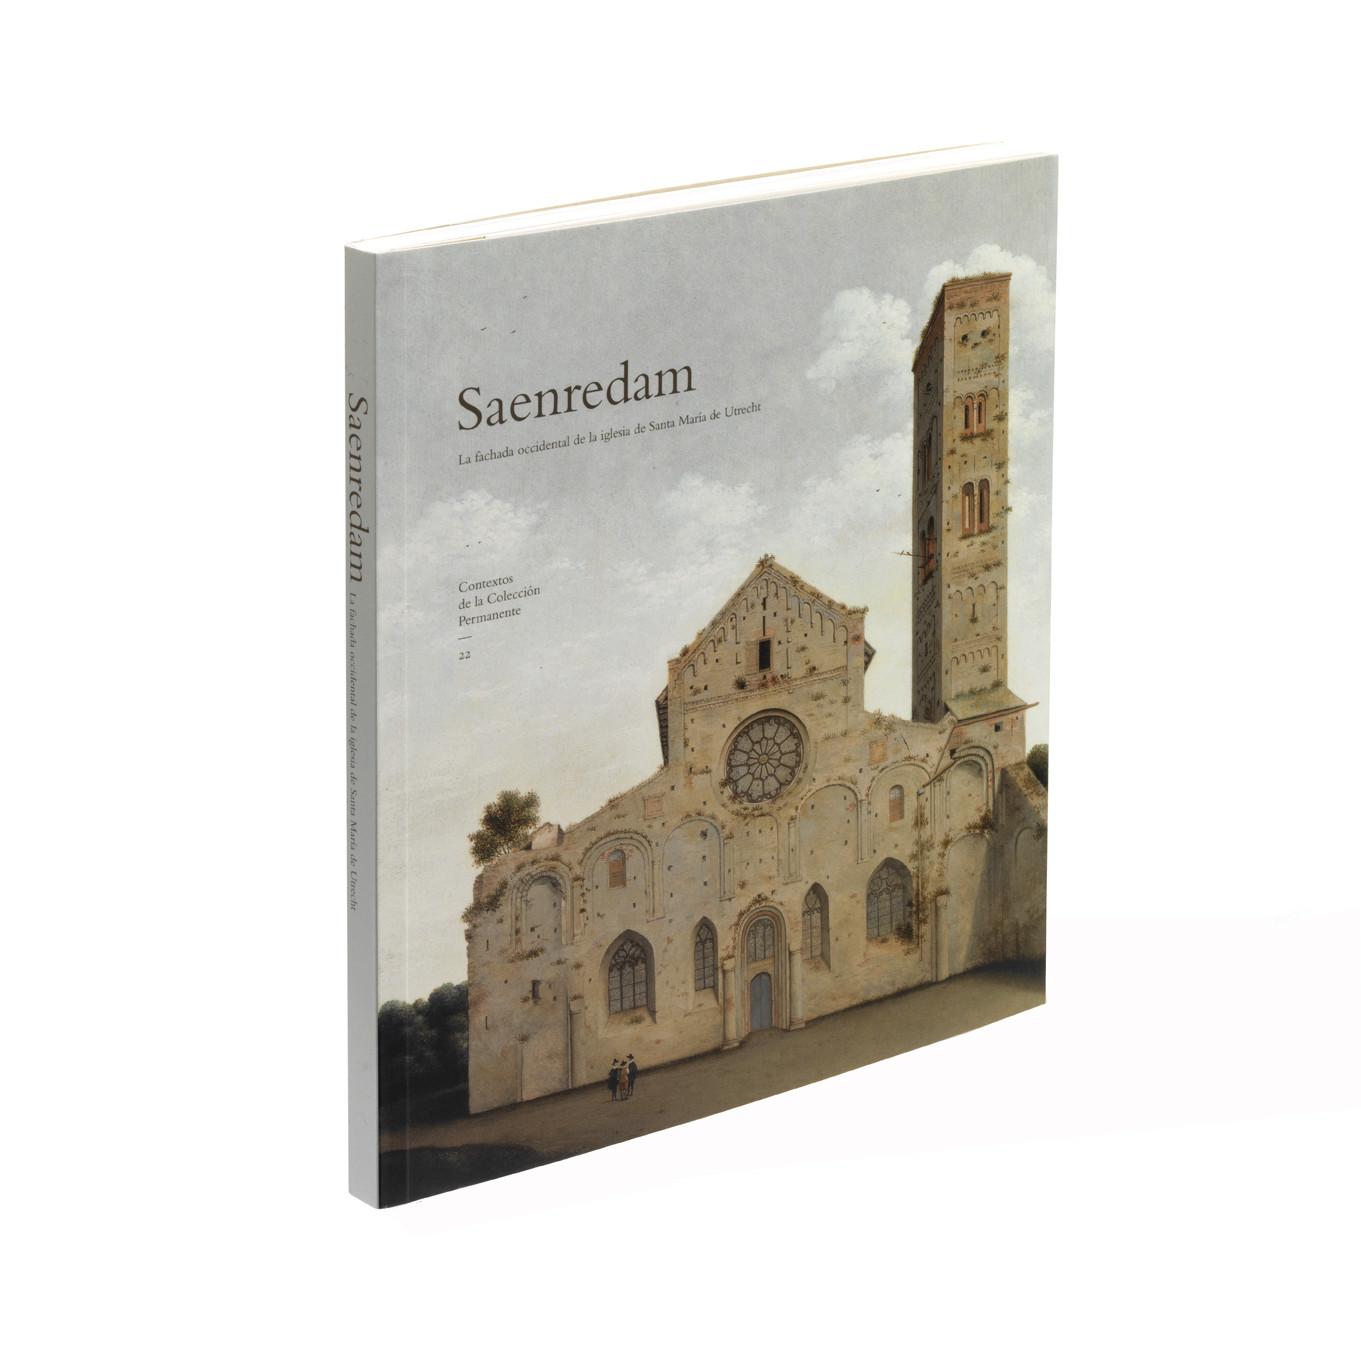 Catálogo de la exposición Saenredam; La fachada occidental de la iglesia de Santa María de Utrecht